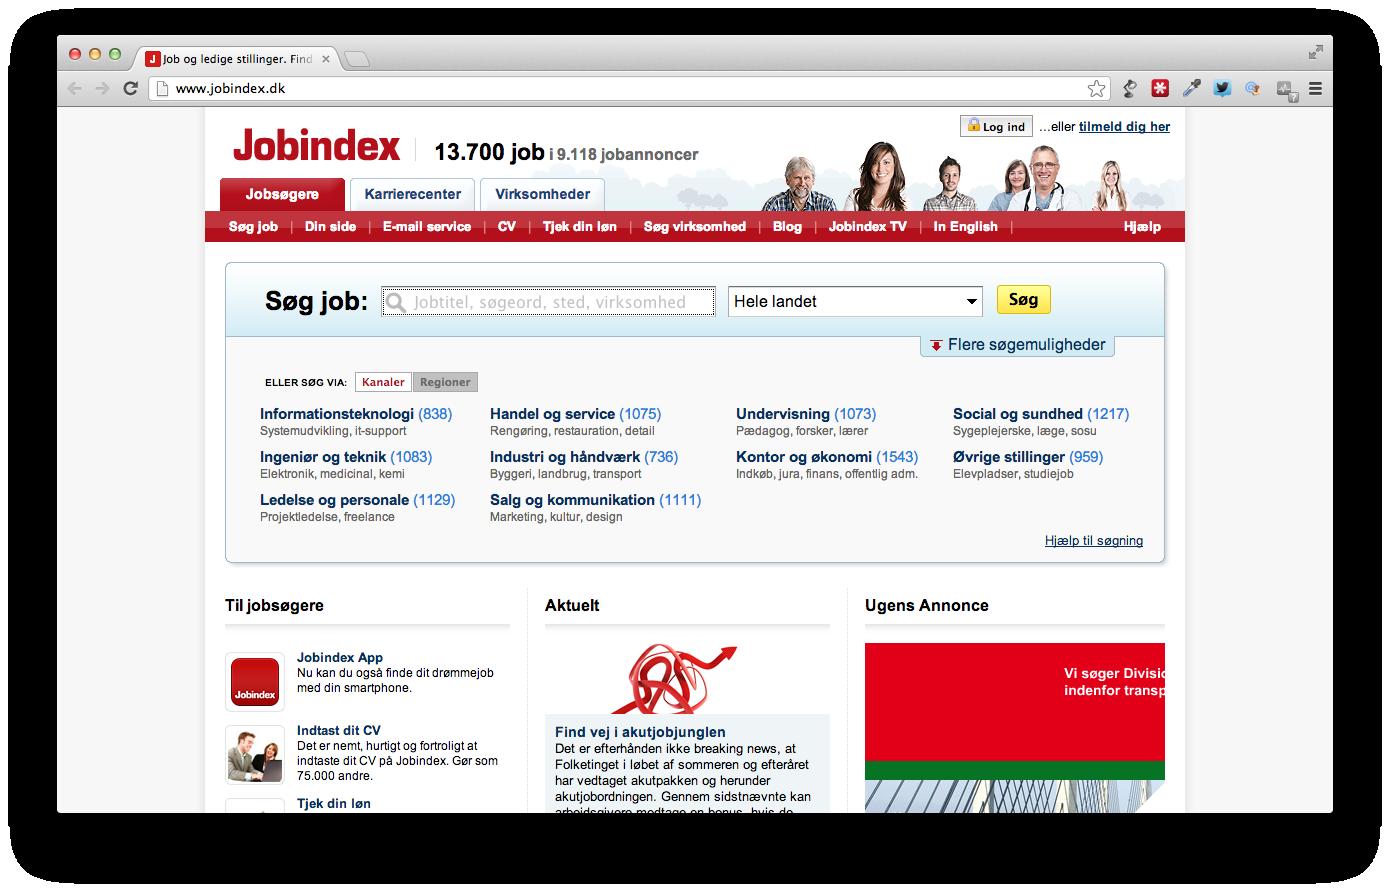 Jobindex køber IDG Denmark og Computer World